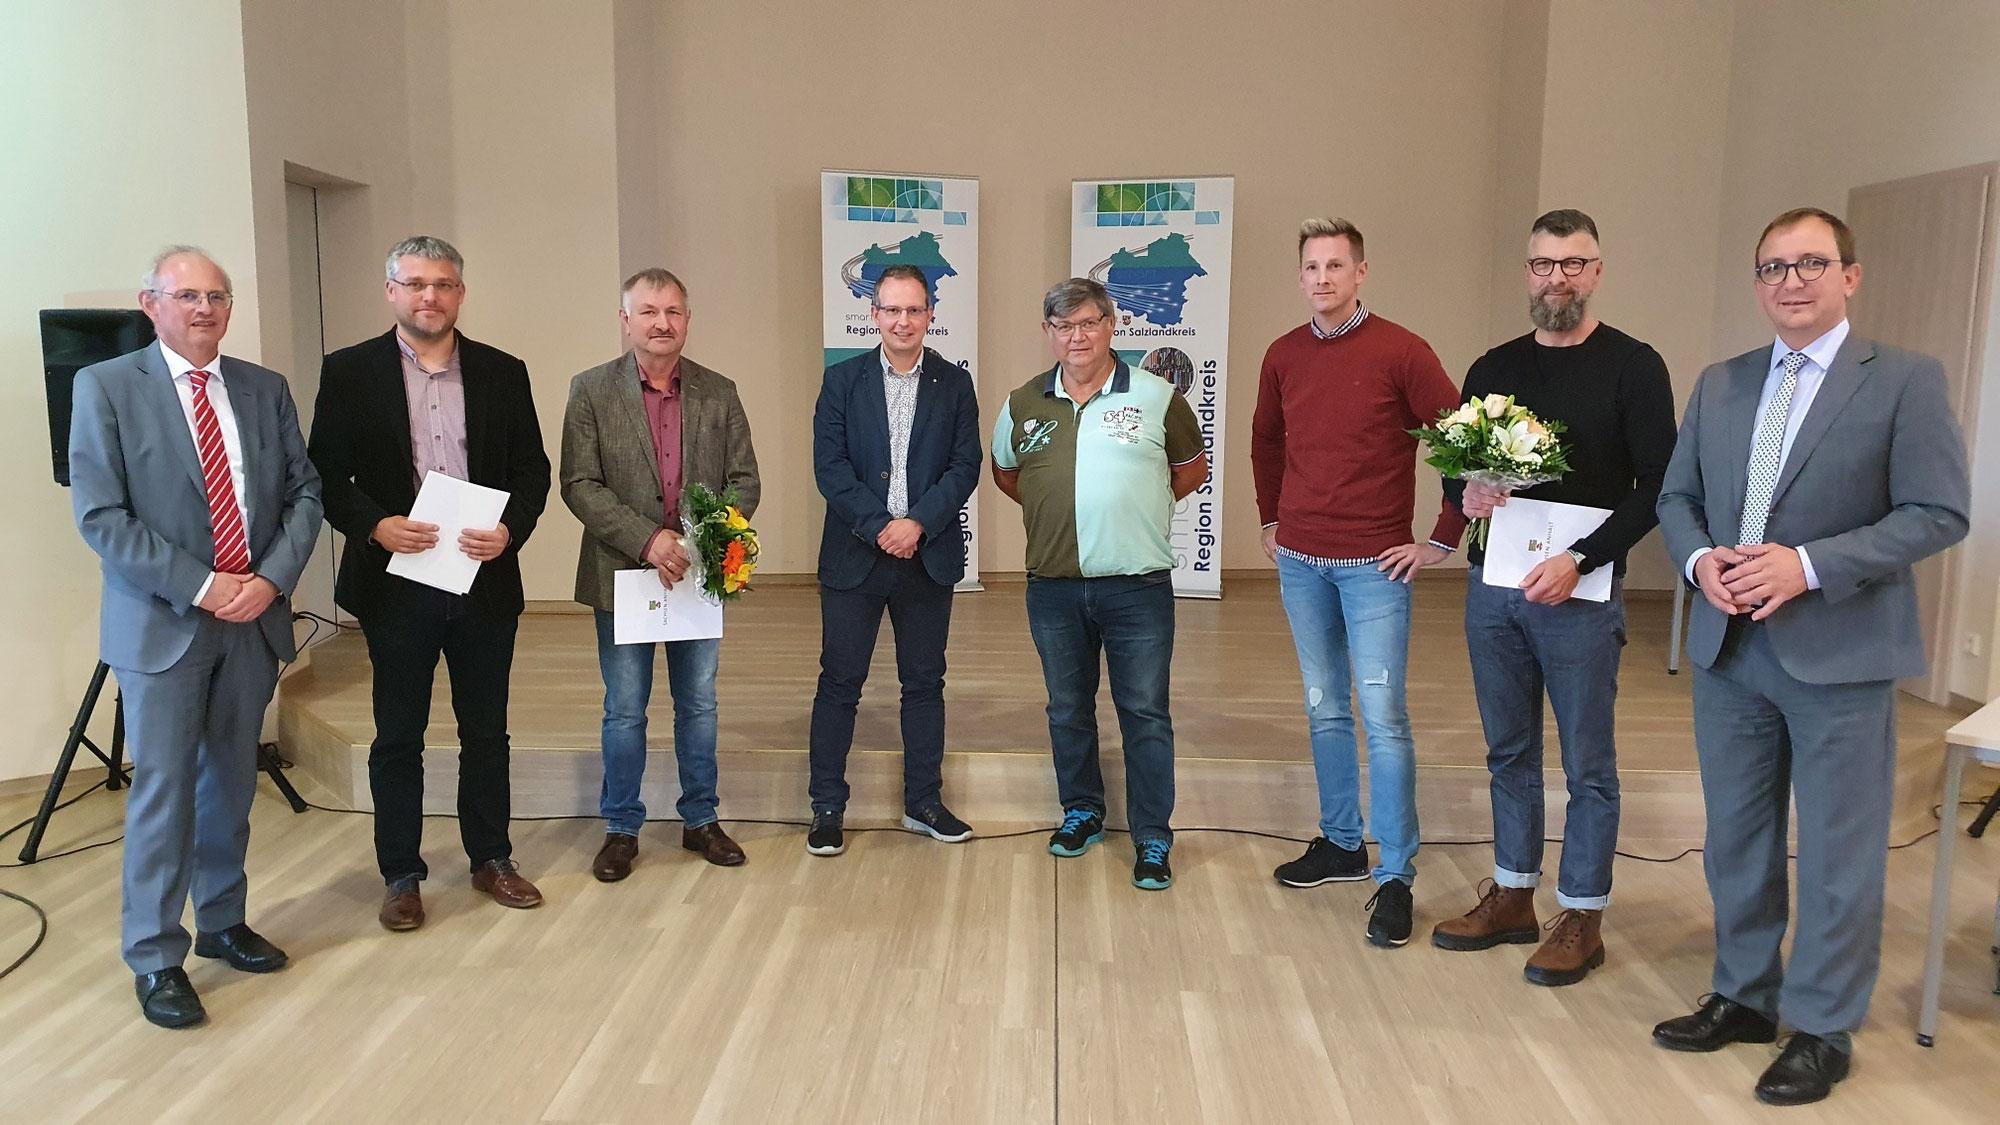 Sieger und Platzierte beim 5. Dorfwettbewerb geehrt